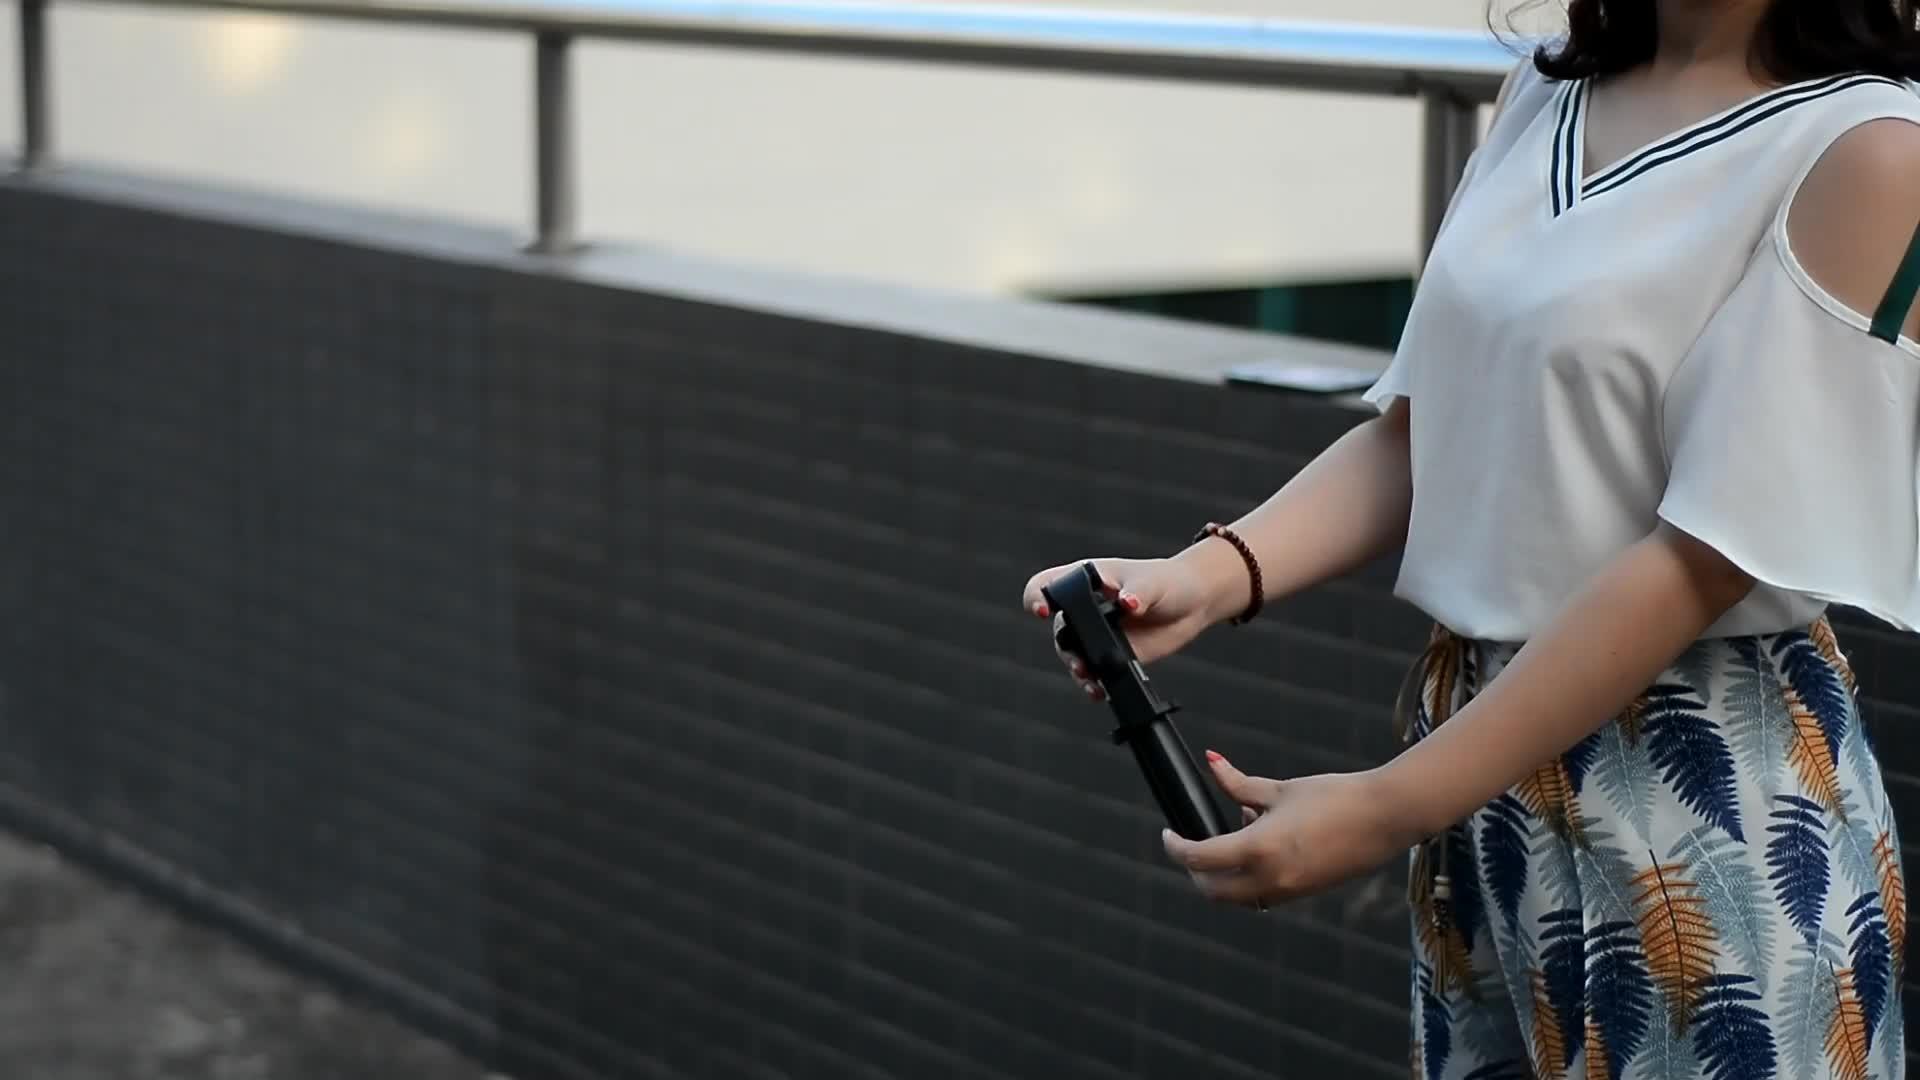 มินิพับ Monopod Selfie Stick Remote Shutter สำหรับโทรศัพท์มือถือ Universal